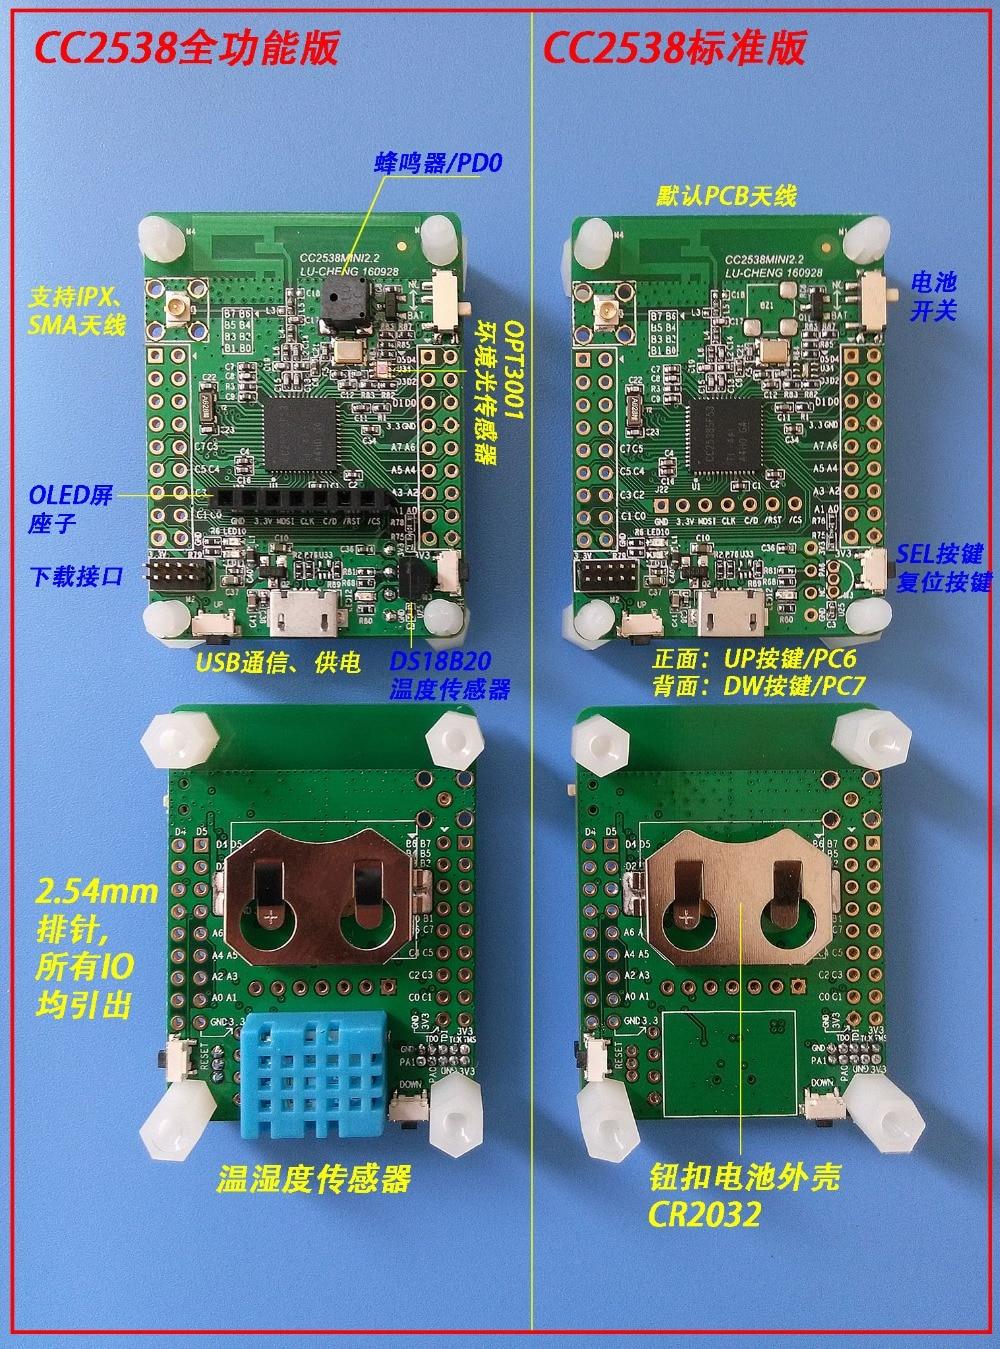 CC2538 Contiki 6lowPan ZigBee development board networking learning board mtqq networking development board mt7620 mt7688 mt7628 development environment